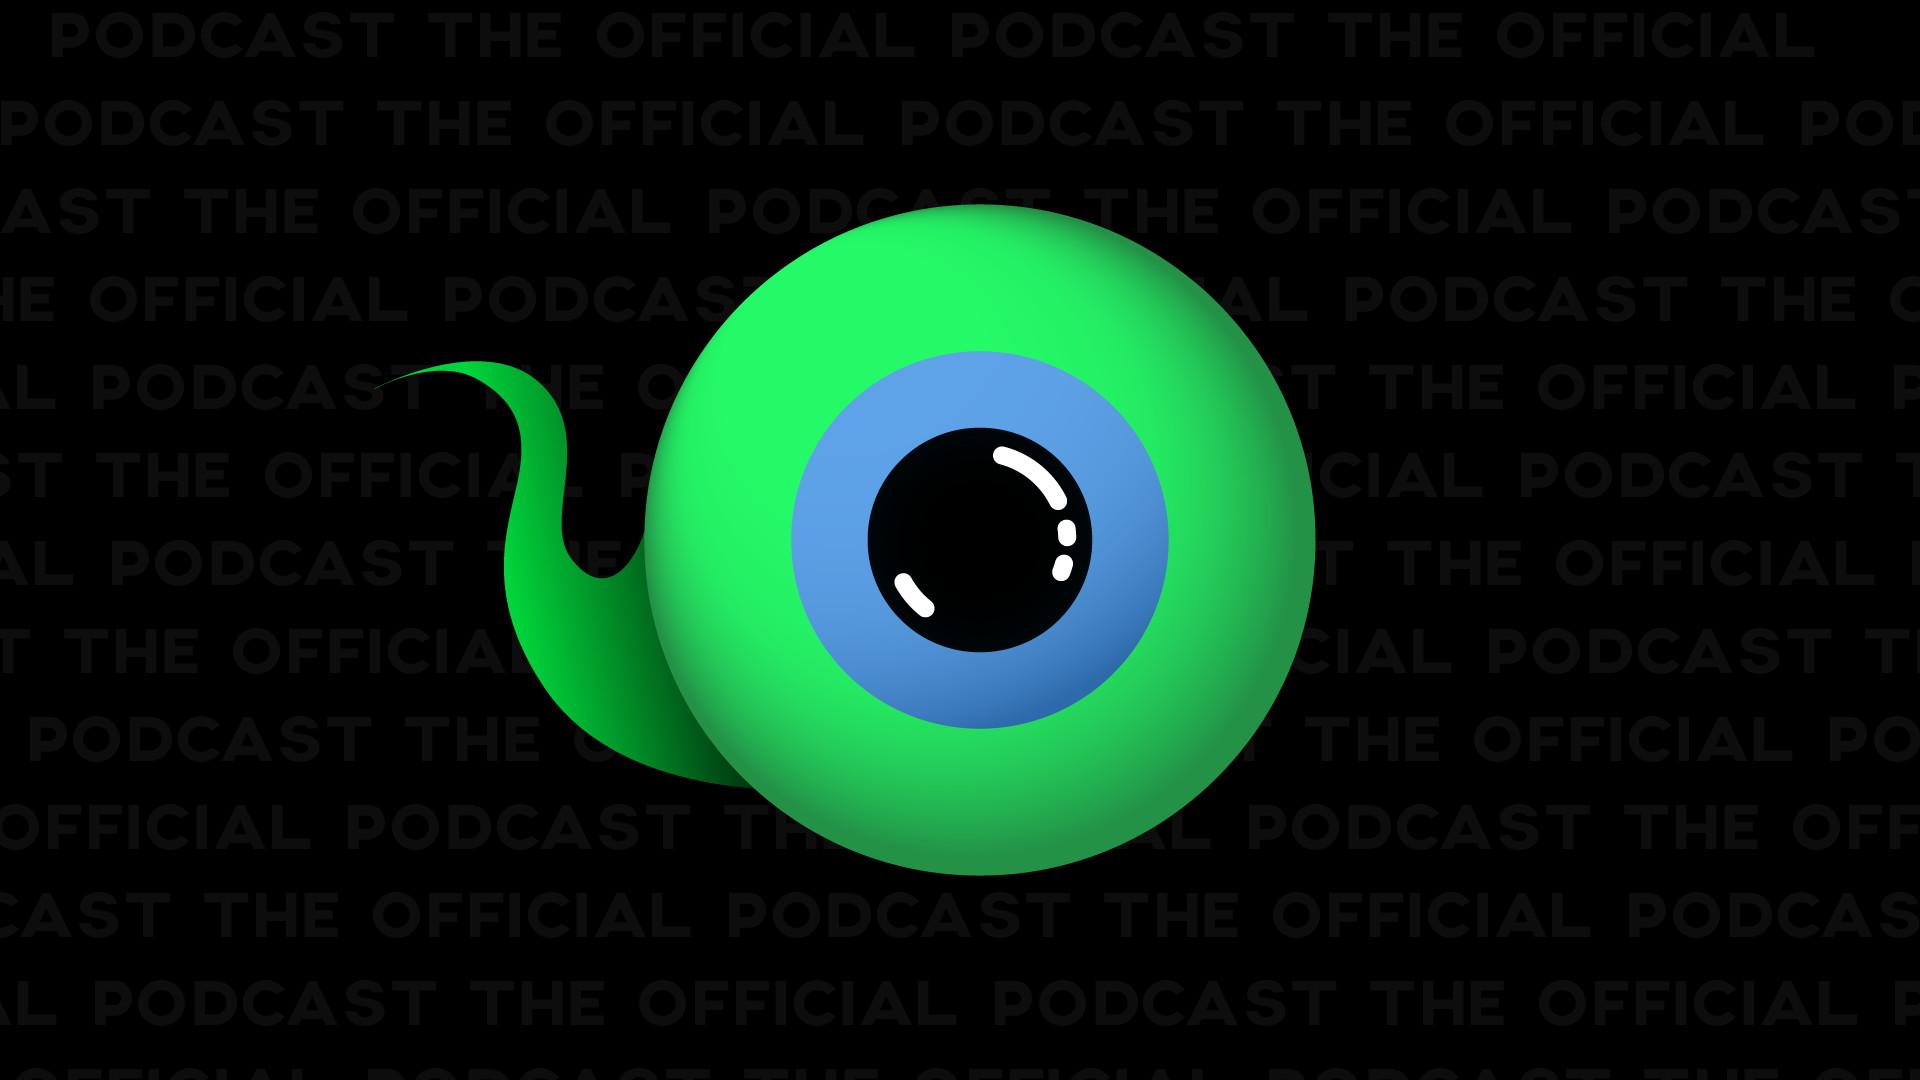 Episode Eleven: With Jacksepticeye